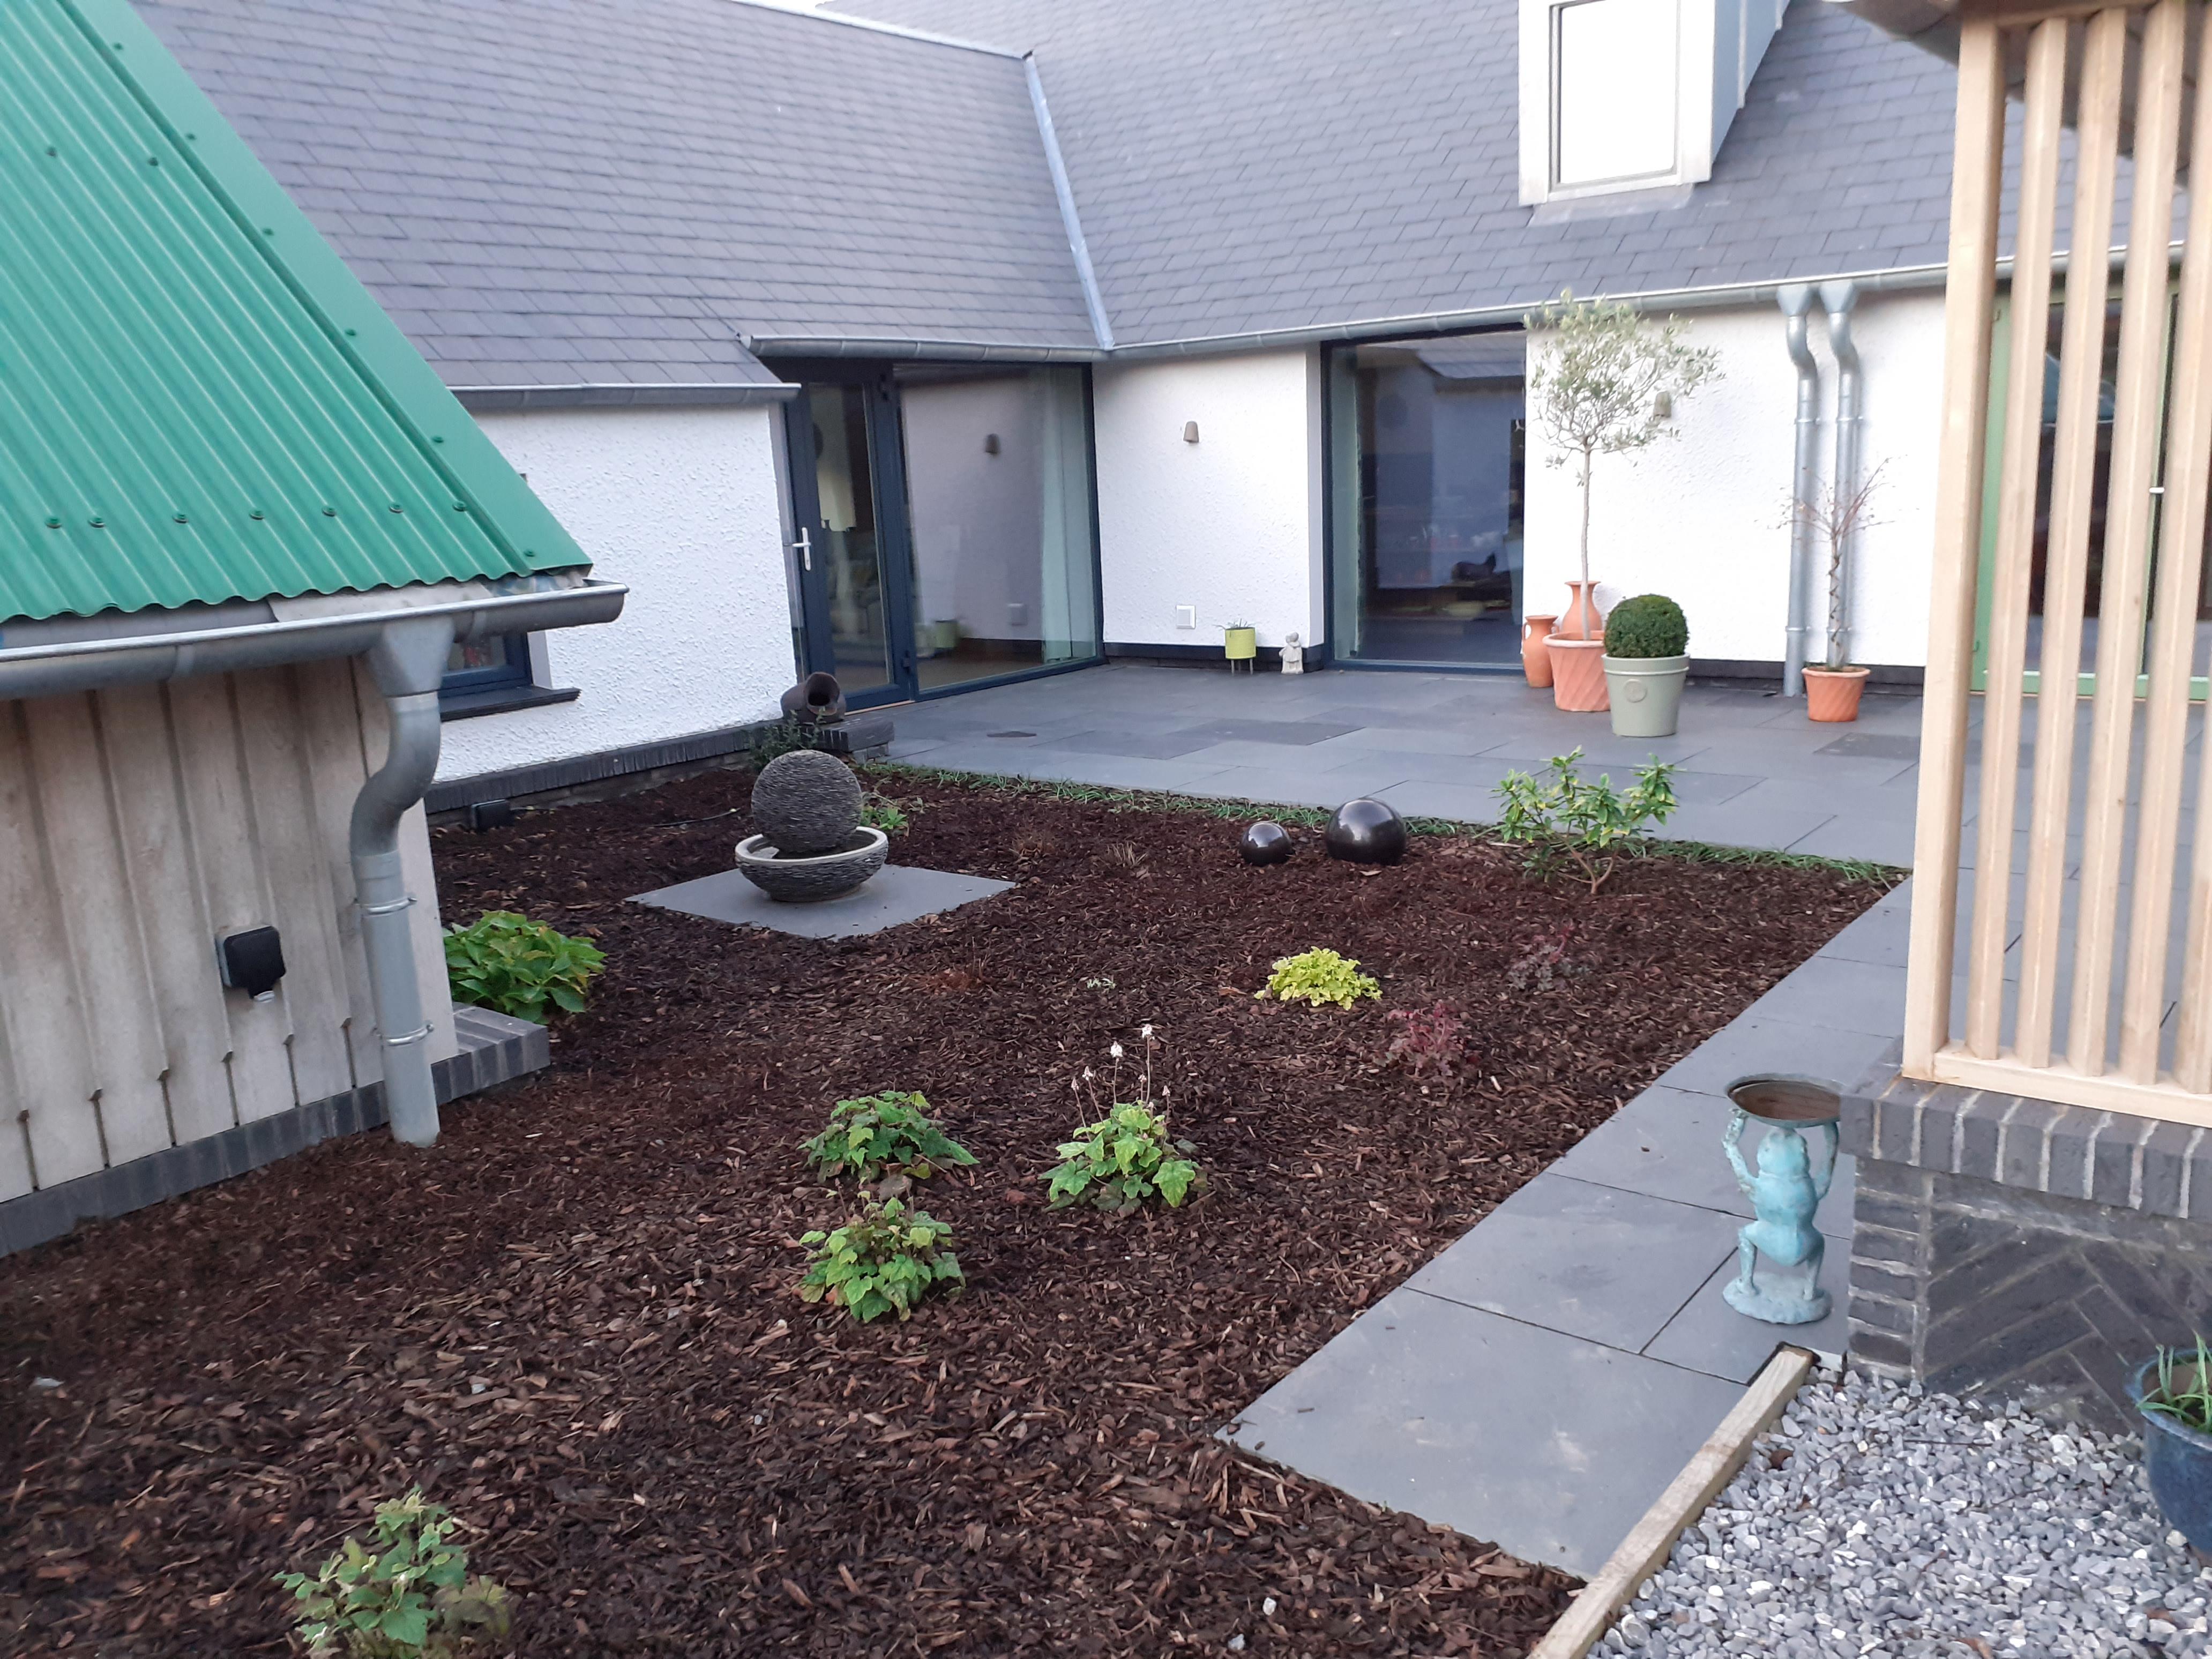 landworks-courtyard-planting-in-aberaeron-ceredigion